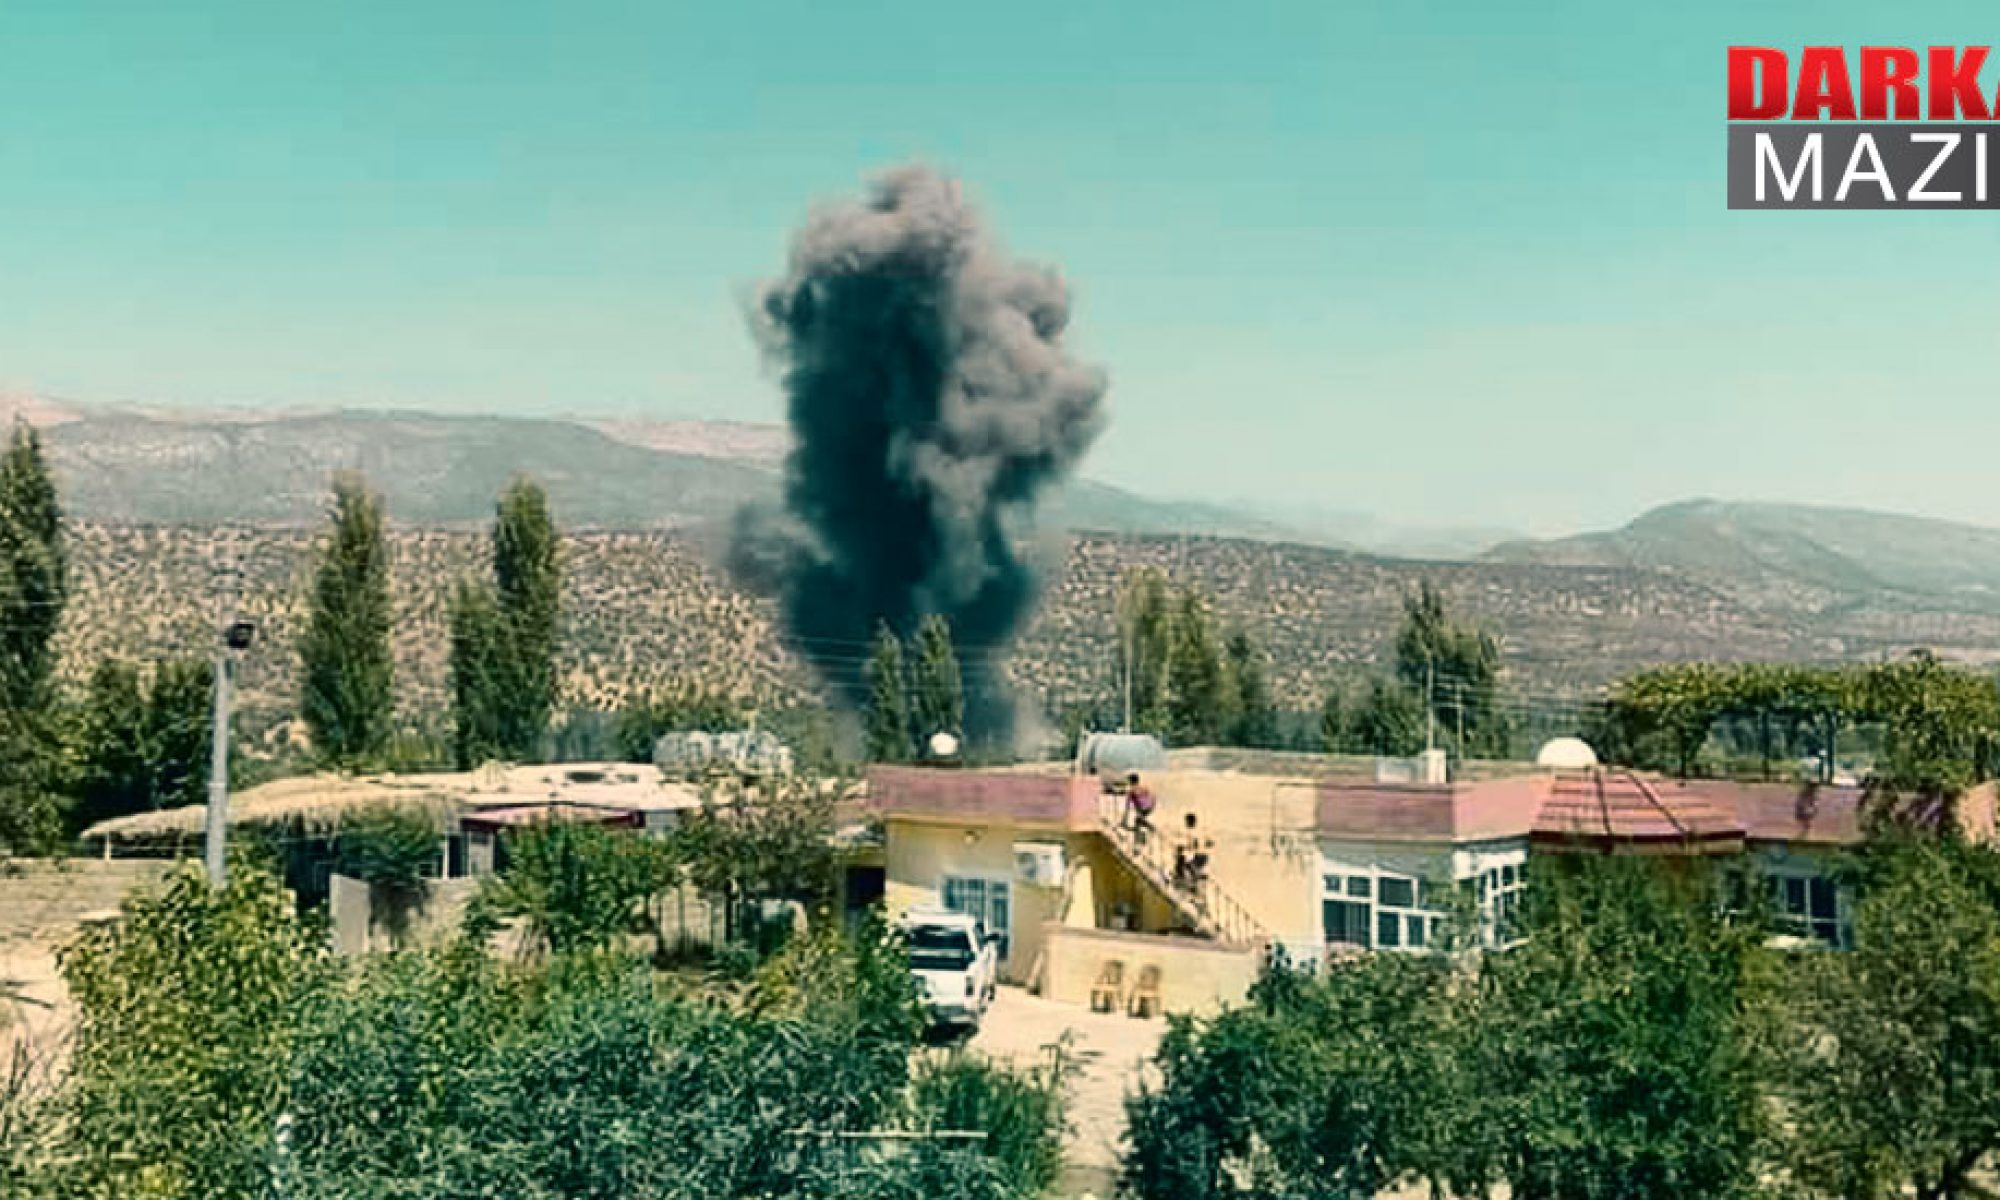 Berwari Bala: TSK'nın Hava saldırısında bir öğretmen ve 4 gerilla hayatını kaybetti Duhok, Kani Masi, Kani Mezınê, PKK,